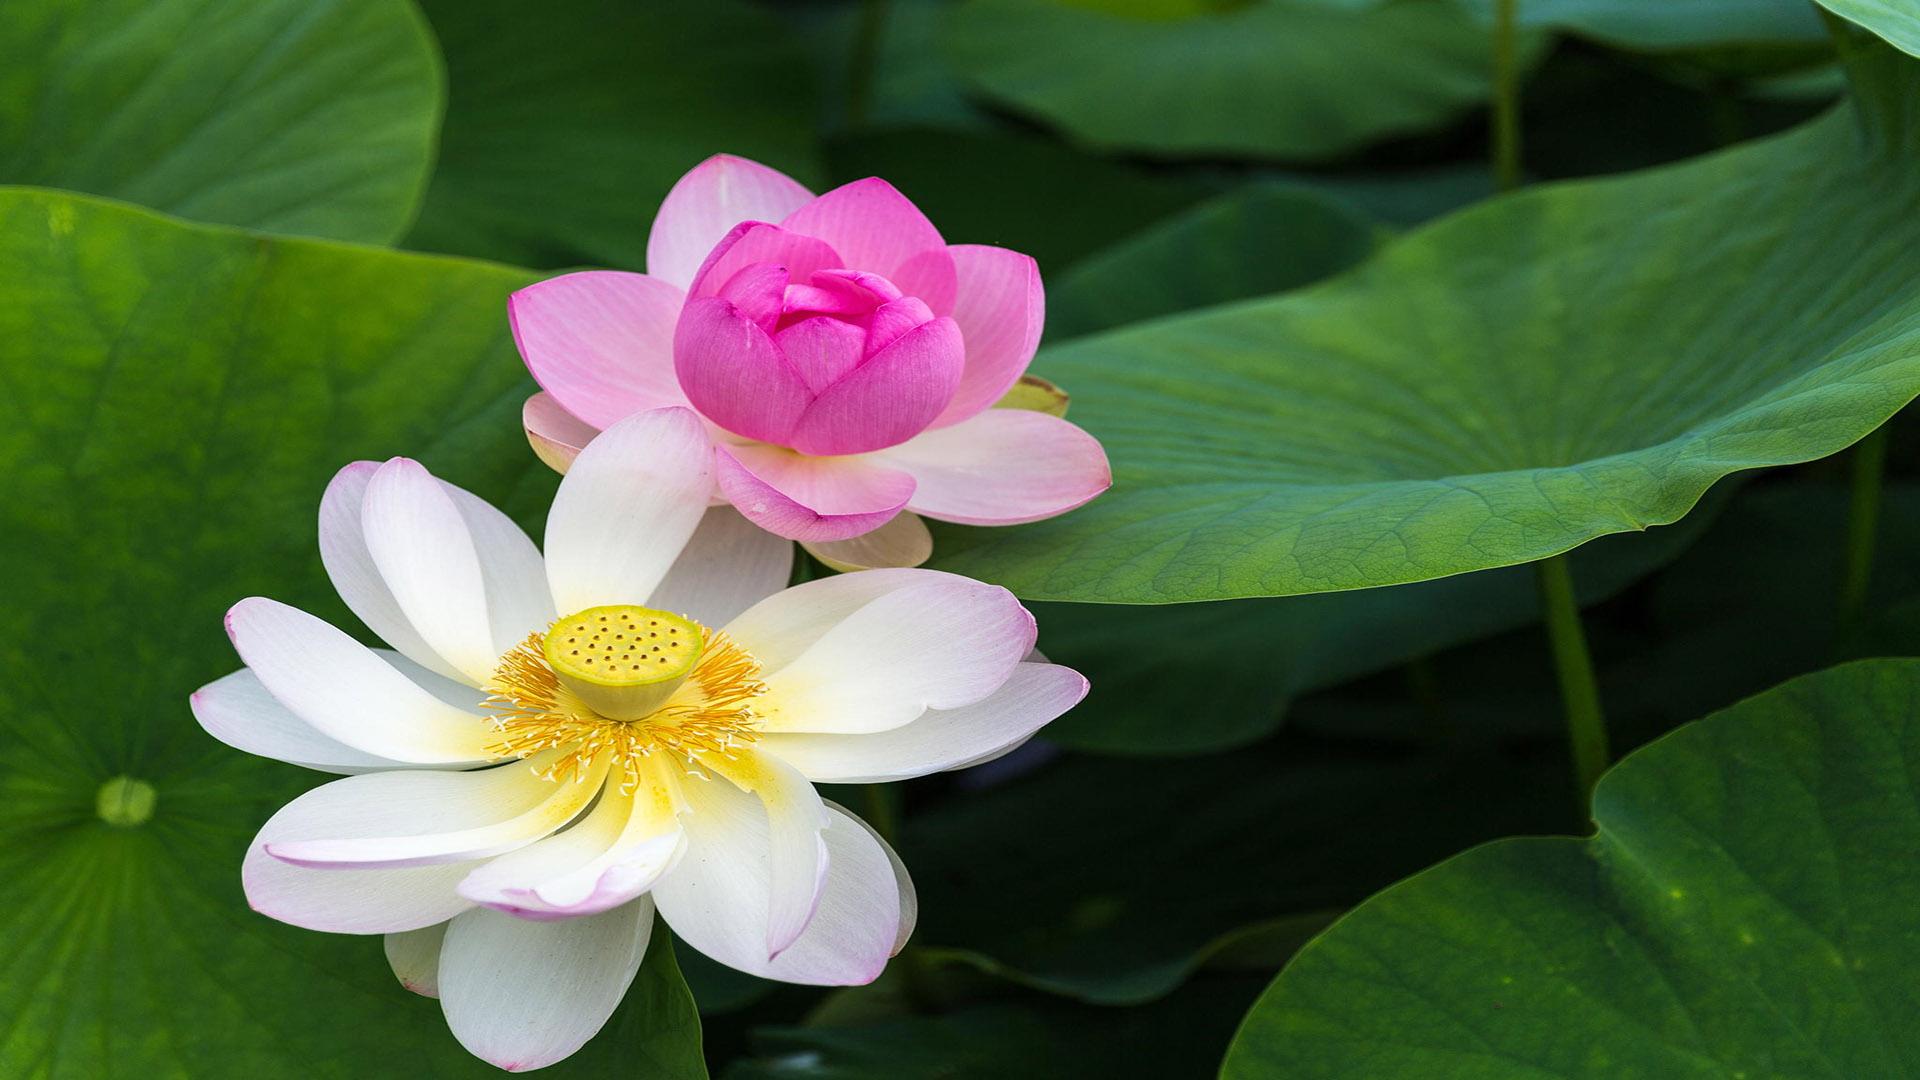 Hình nền hoa sen cho desktop